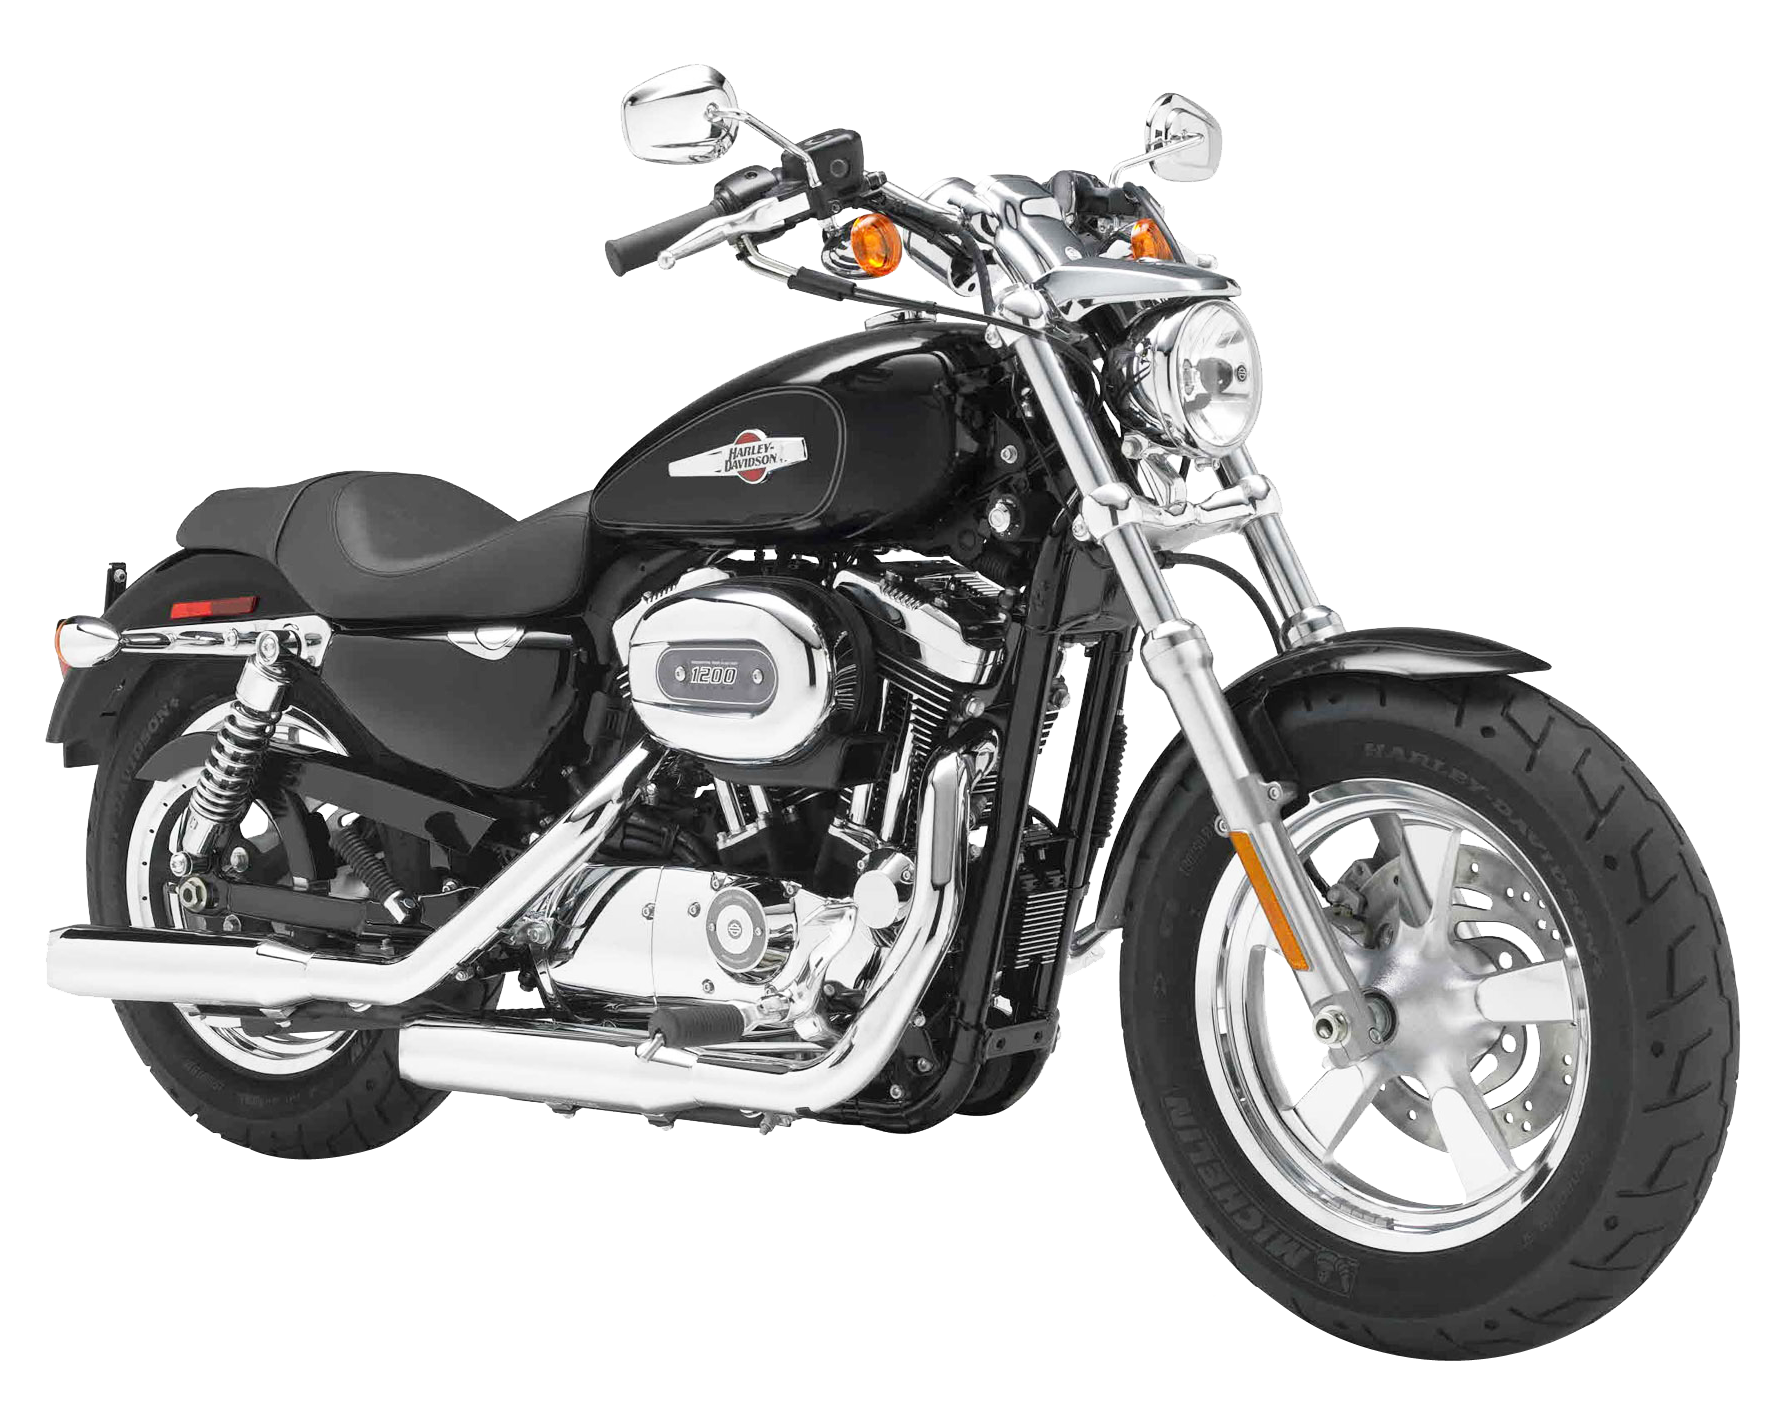 Harley Davidson PNG images free download.